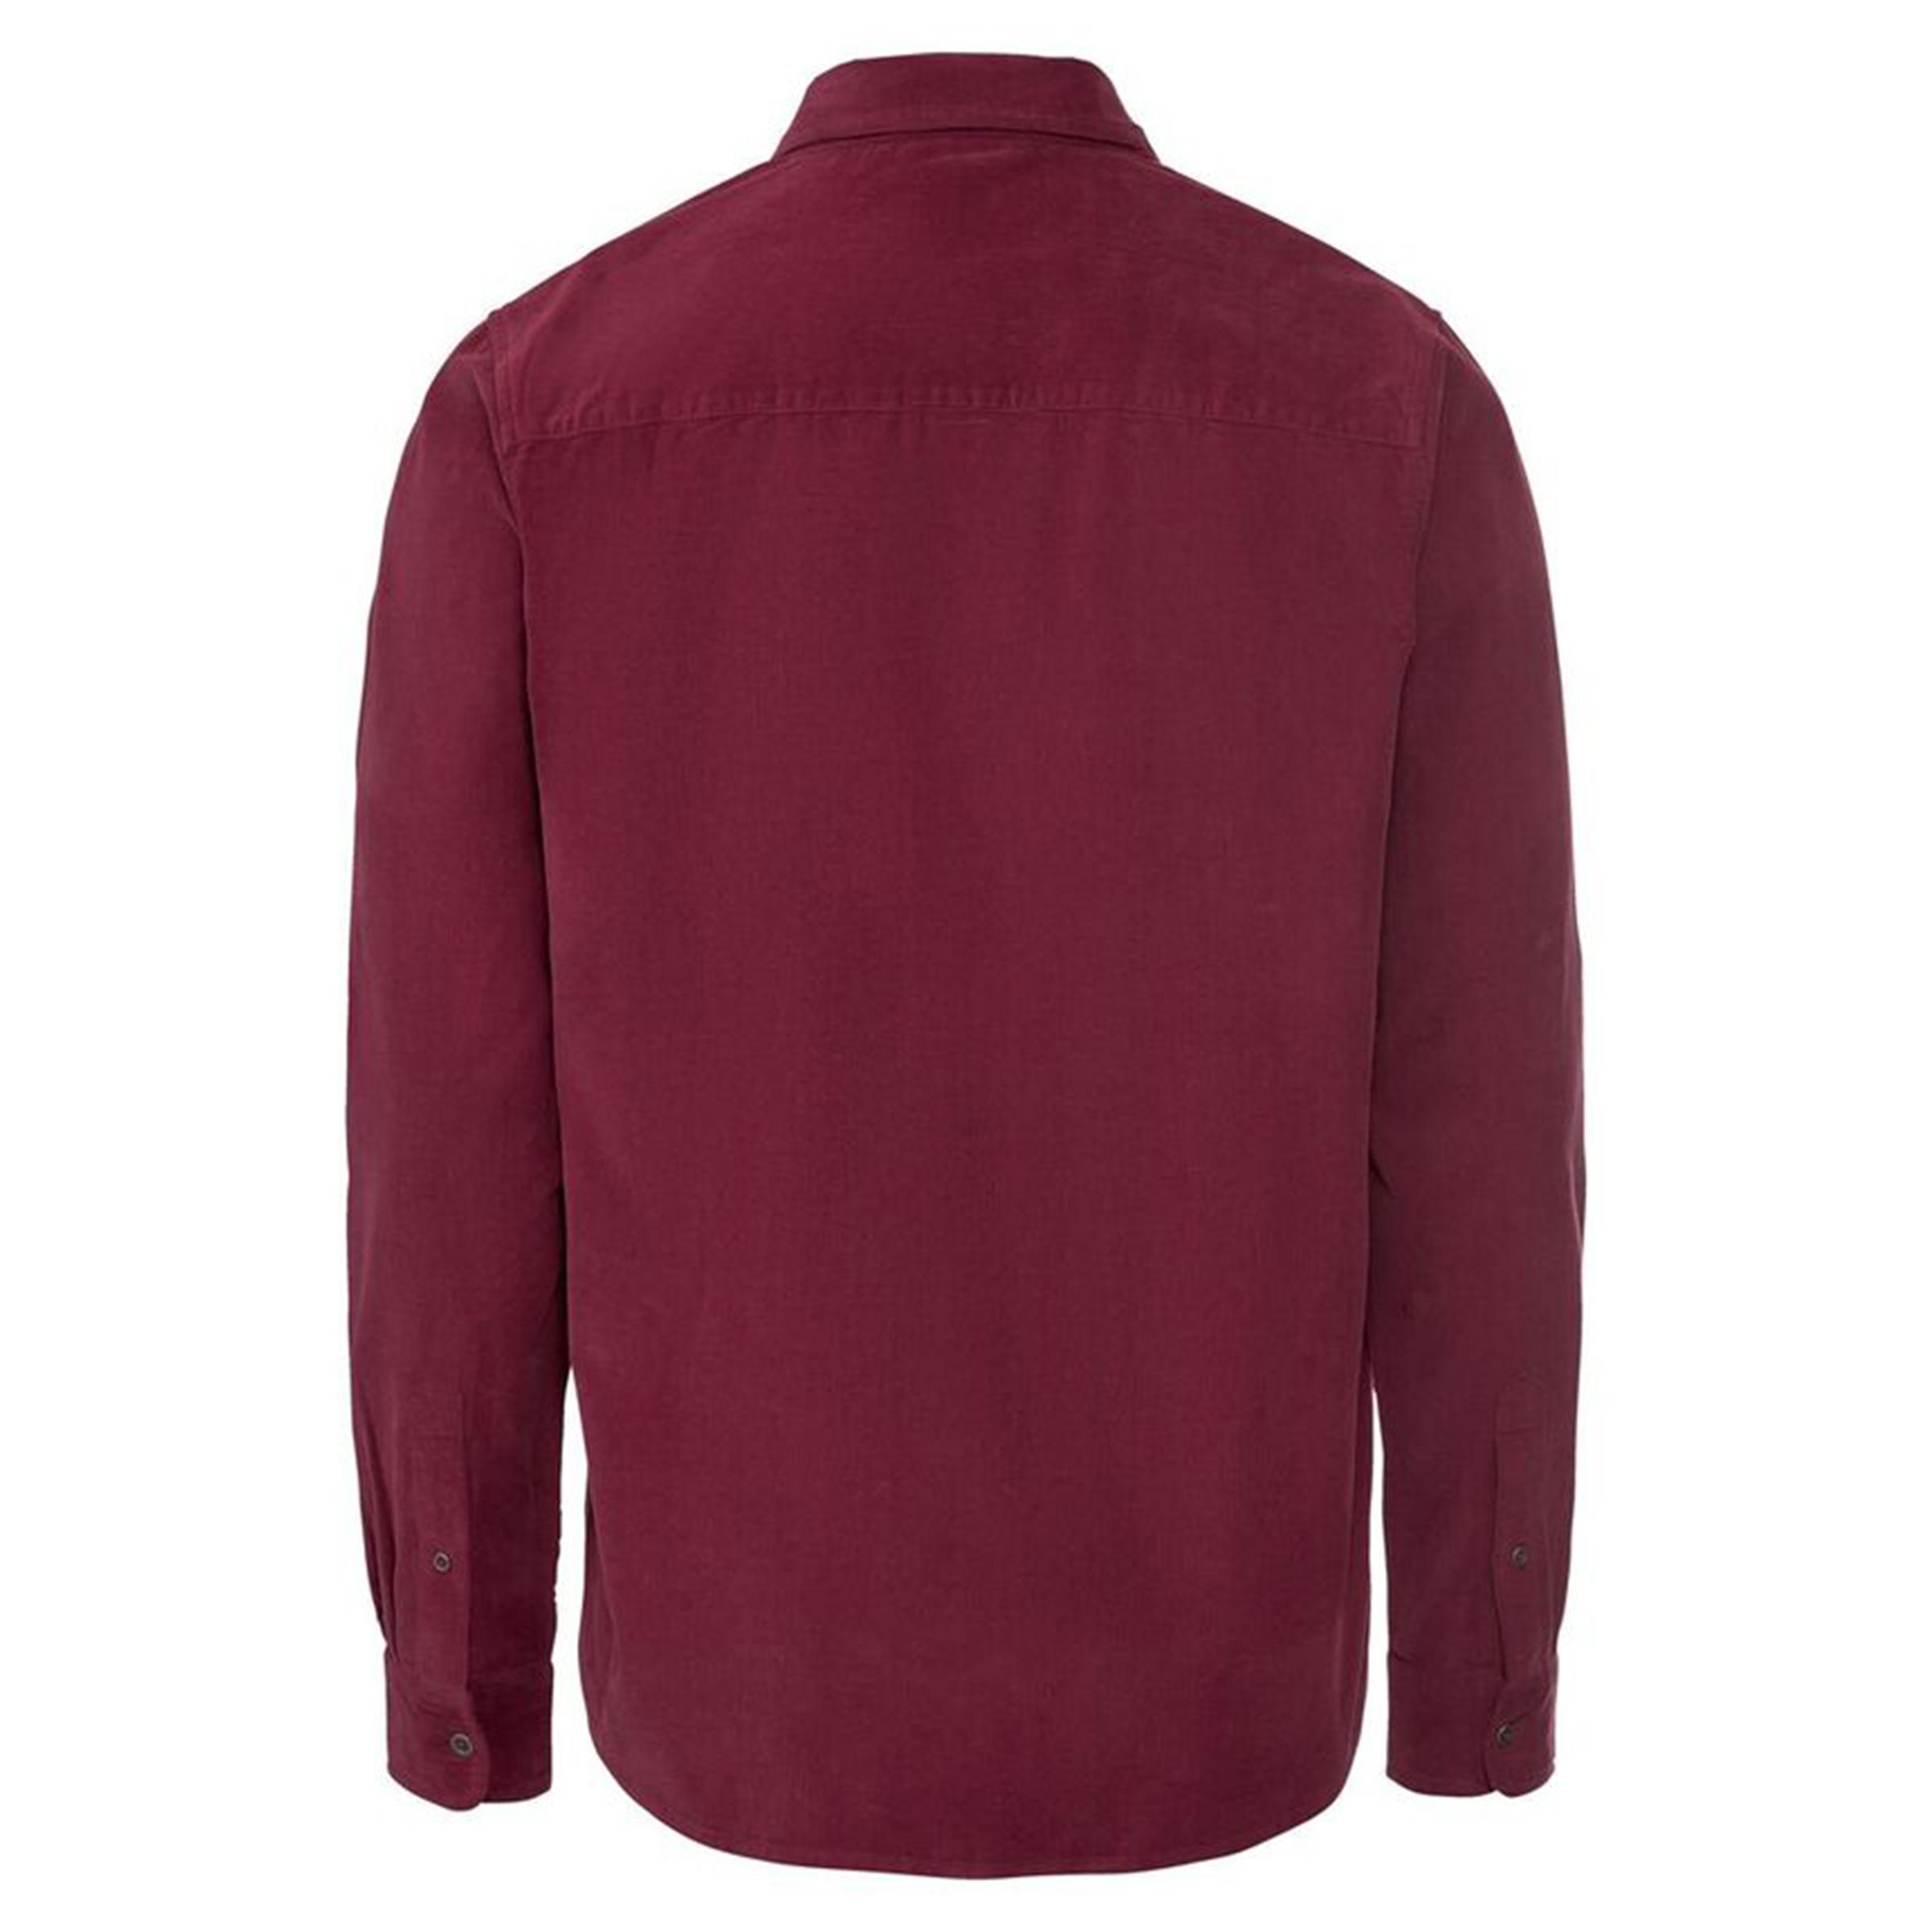 پیراهن آستین بلند مردانه لیورجی مدل 3334472 رنگ قرمز main 1 3